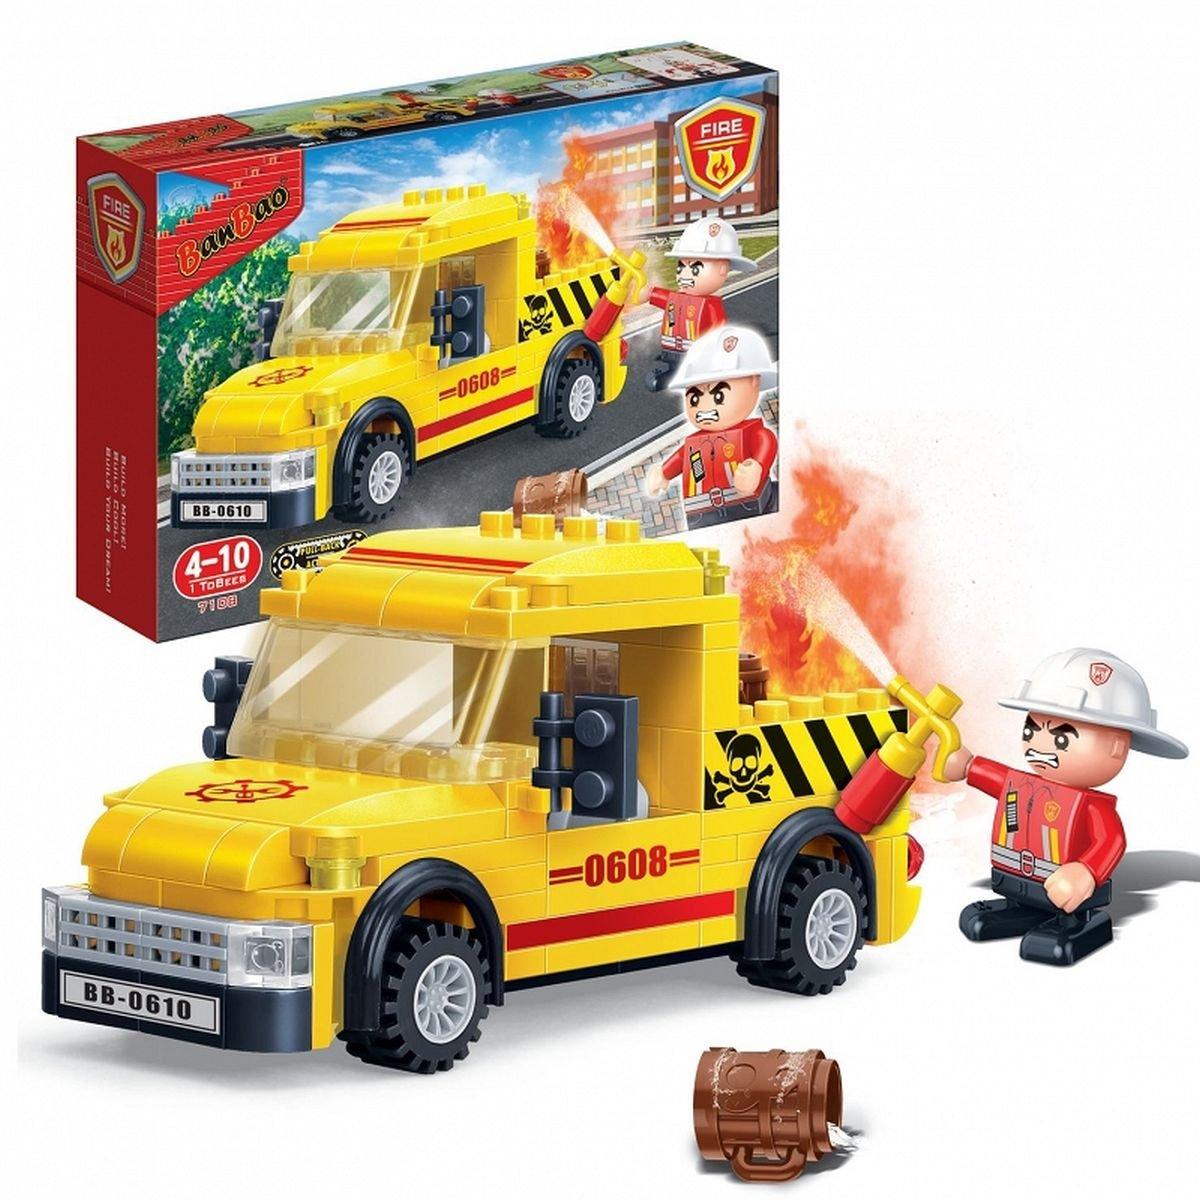 Купить Конструктор - Пожарная машина, 105 деталей, BanBao